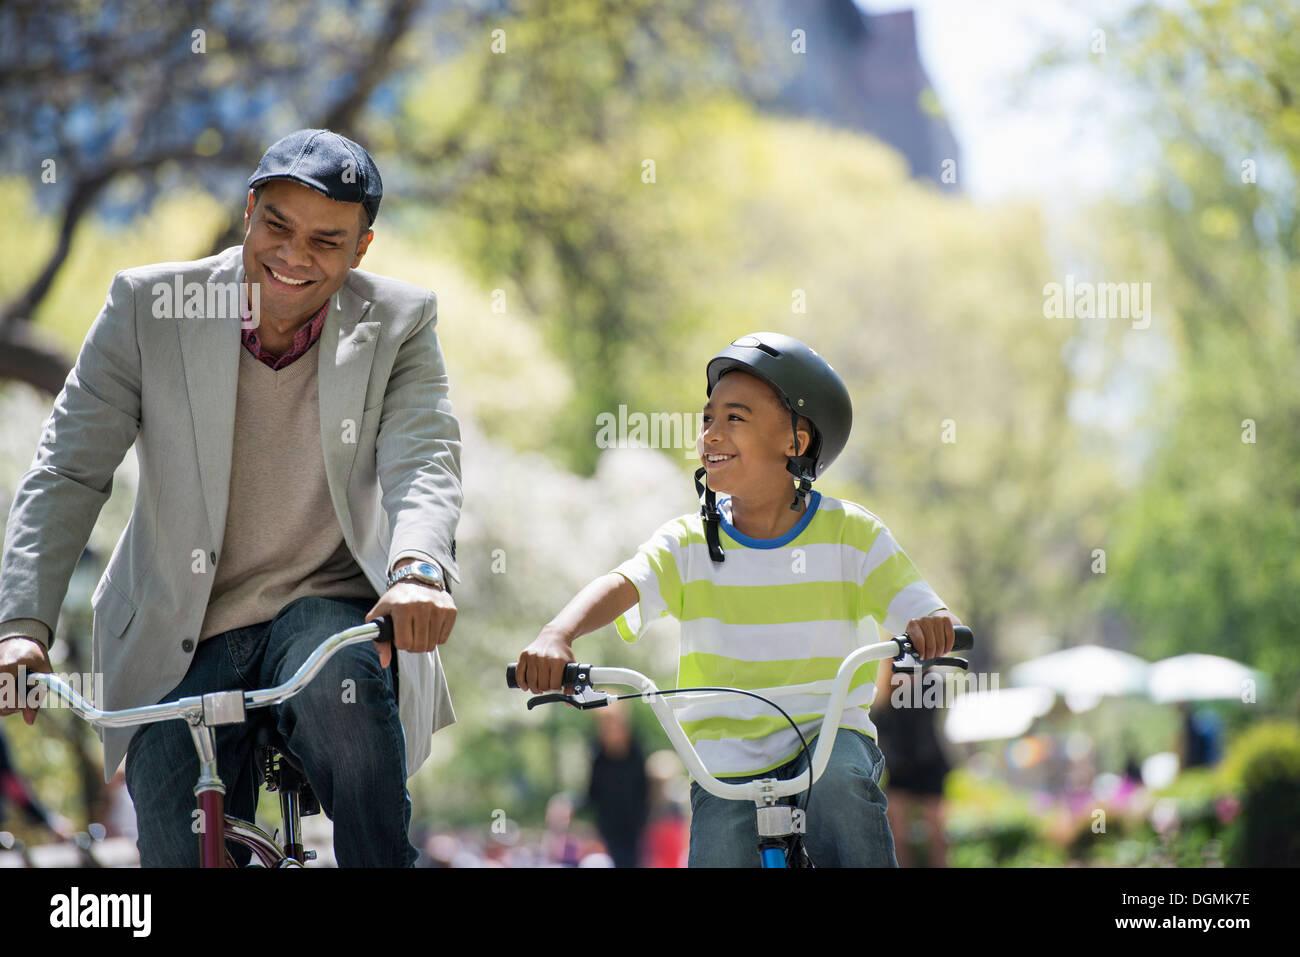 Une famille dans le parc sur une journée ensoleillée. Père et fils de la bicyclette Photo Stock